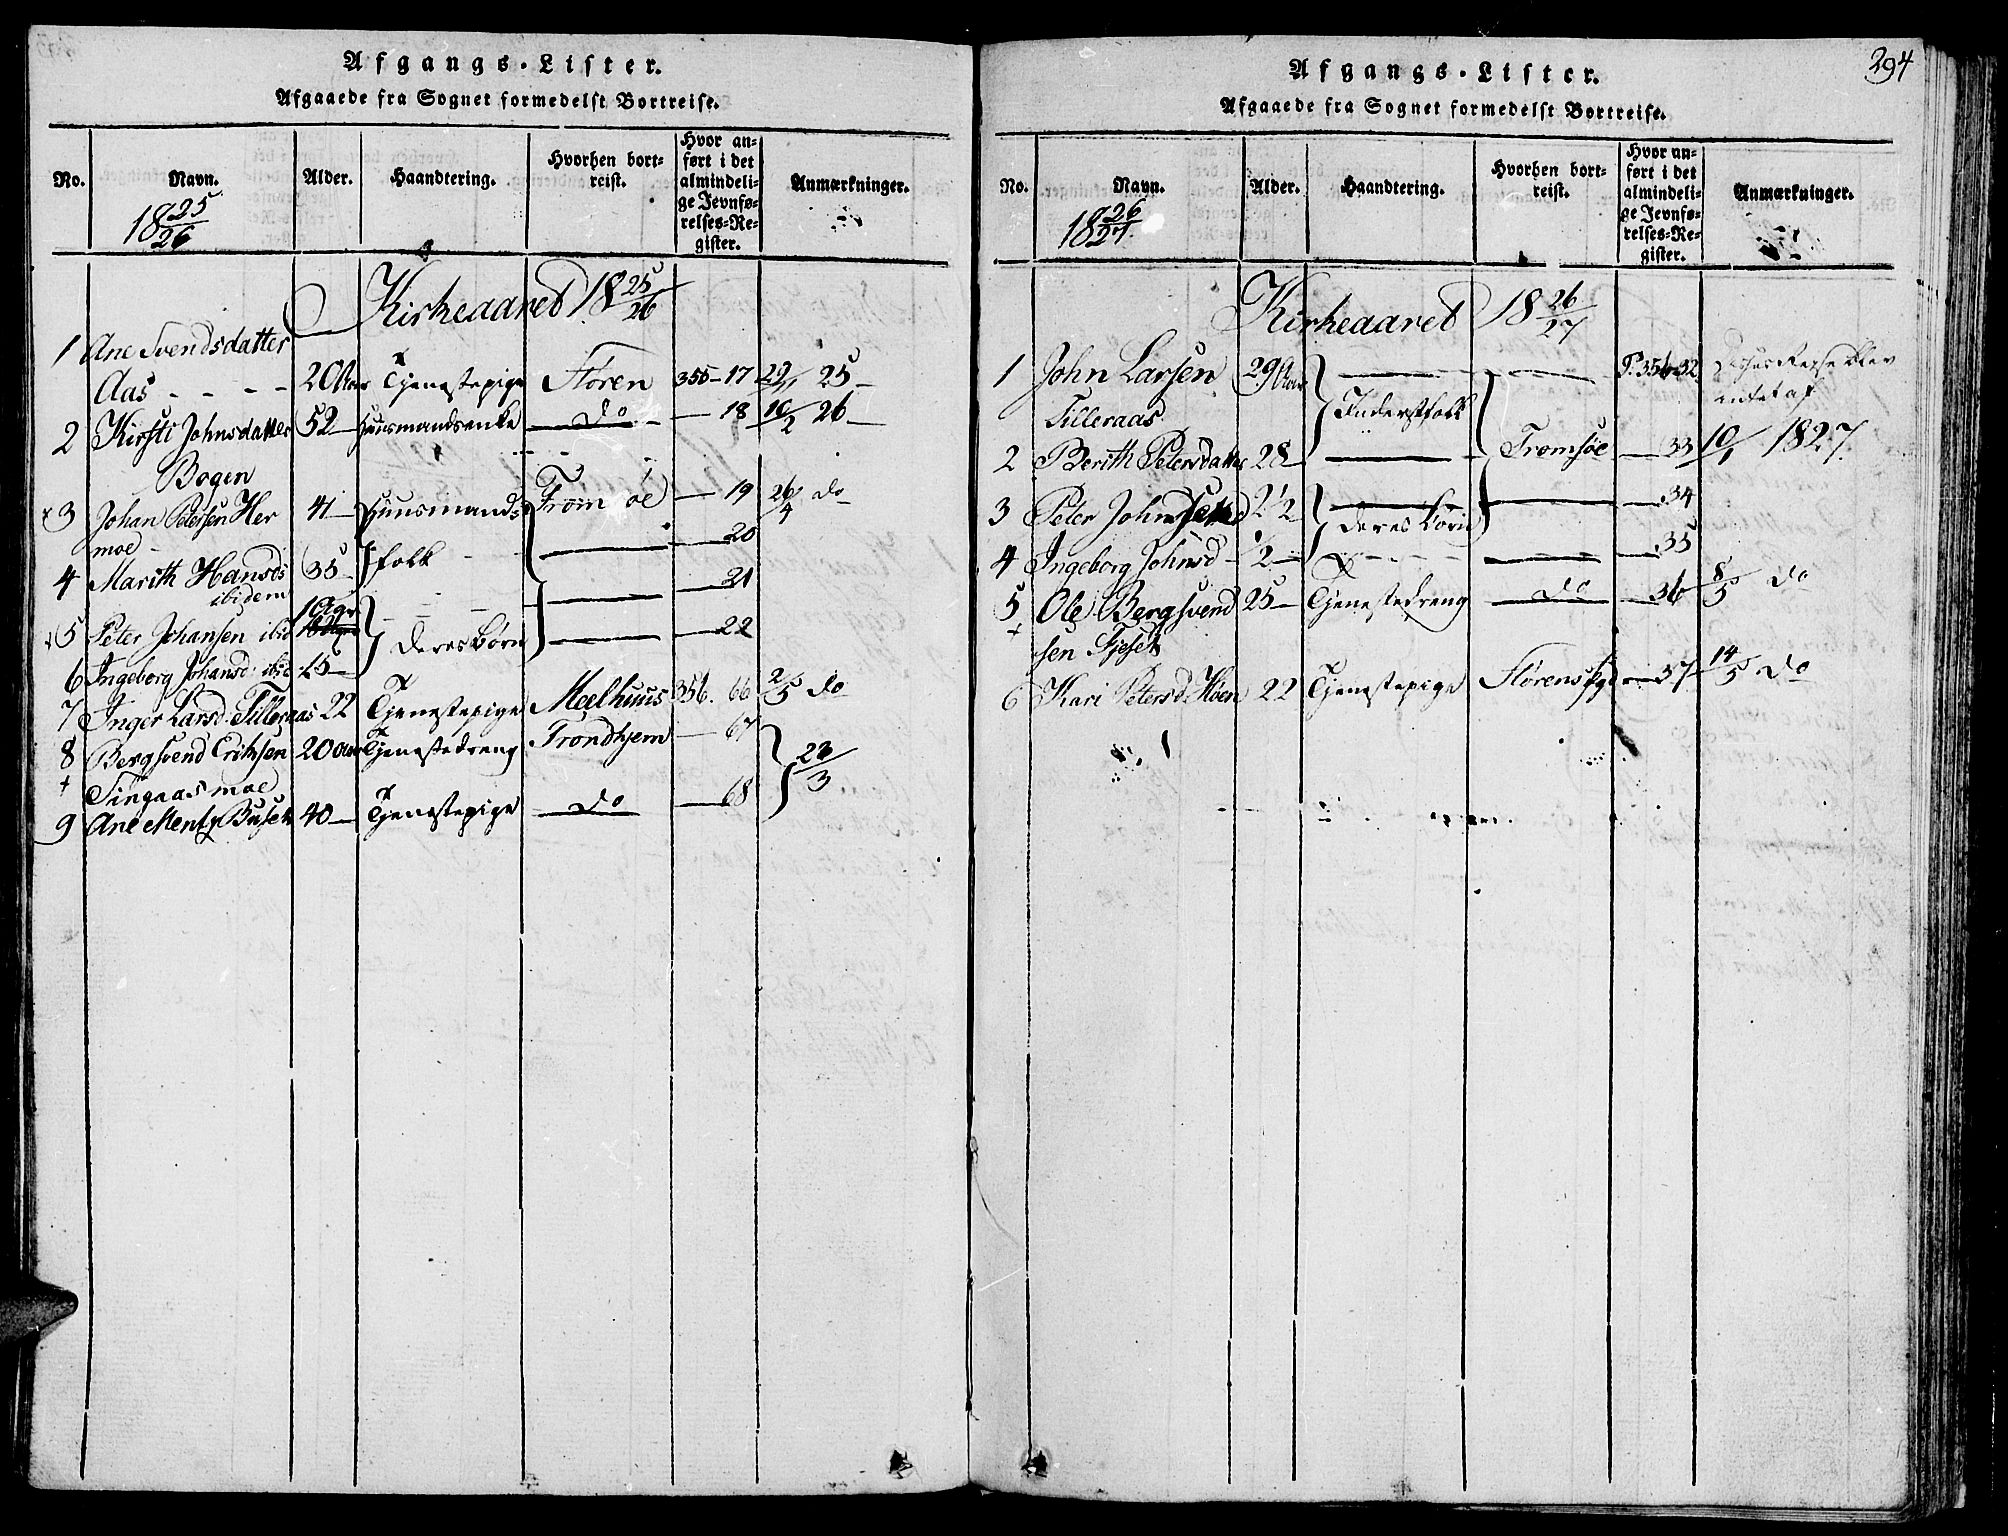 SAT, Ministerialprotokoller, klokkerbøker og fødselsregistre - Sør-Trøndelag, 685/L0955: Ministerialbok nr. 685A03 /2, 1817-1829, s. 294